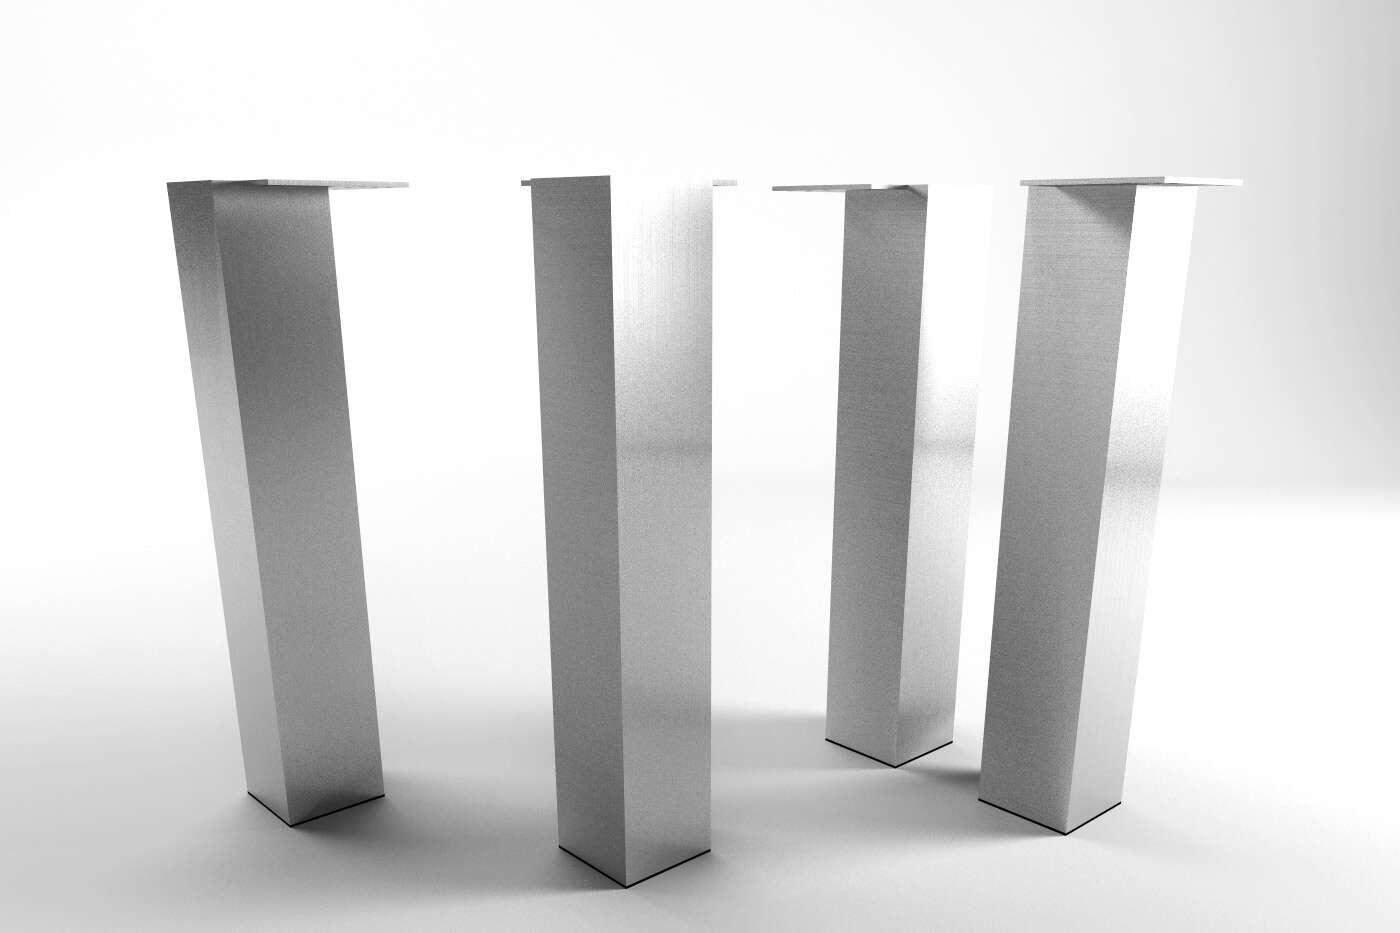 tischbein metall nach ma ansehen. Black Bedroom Furniture Sets. Home Design Ideas